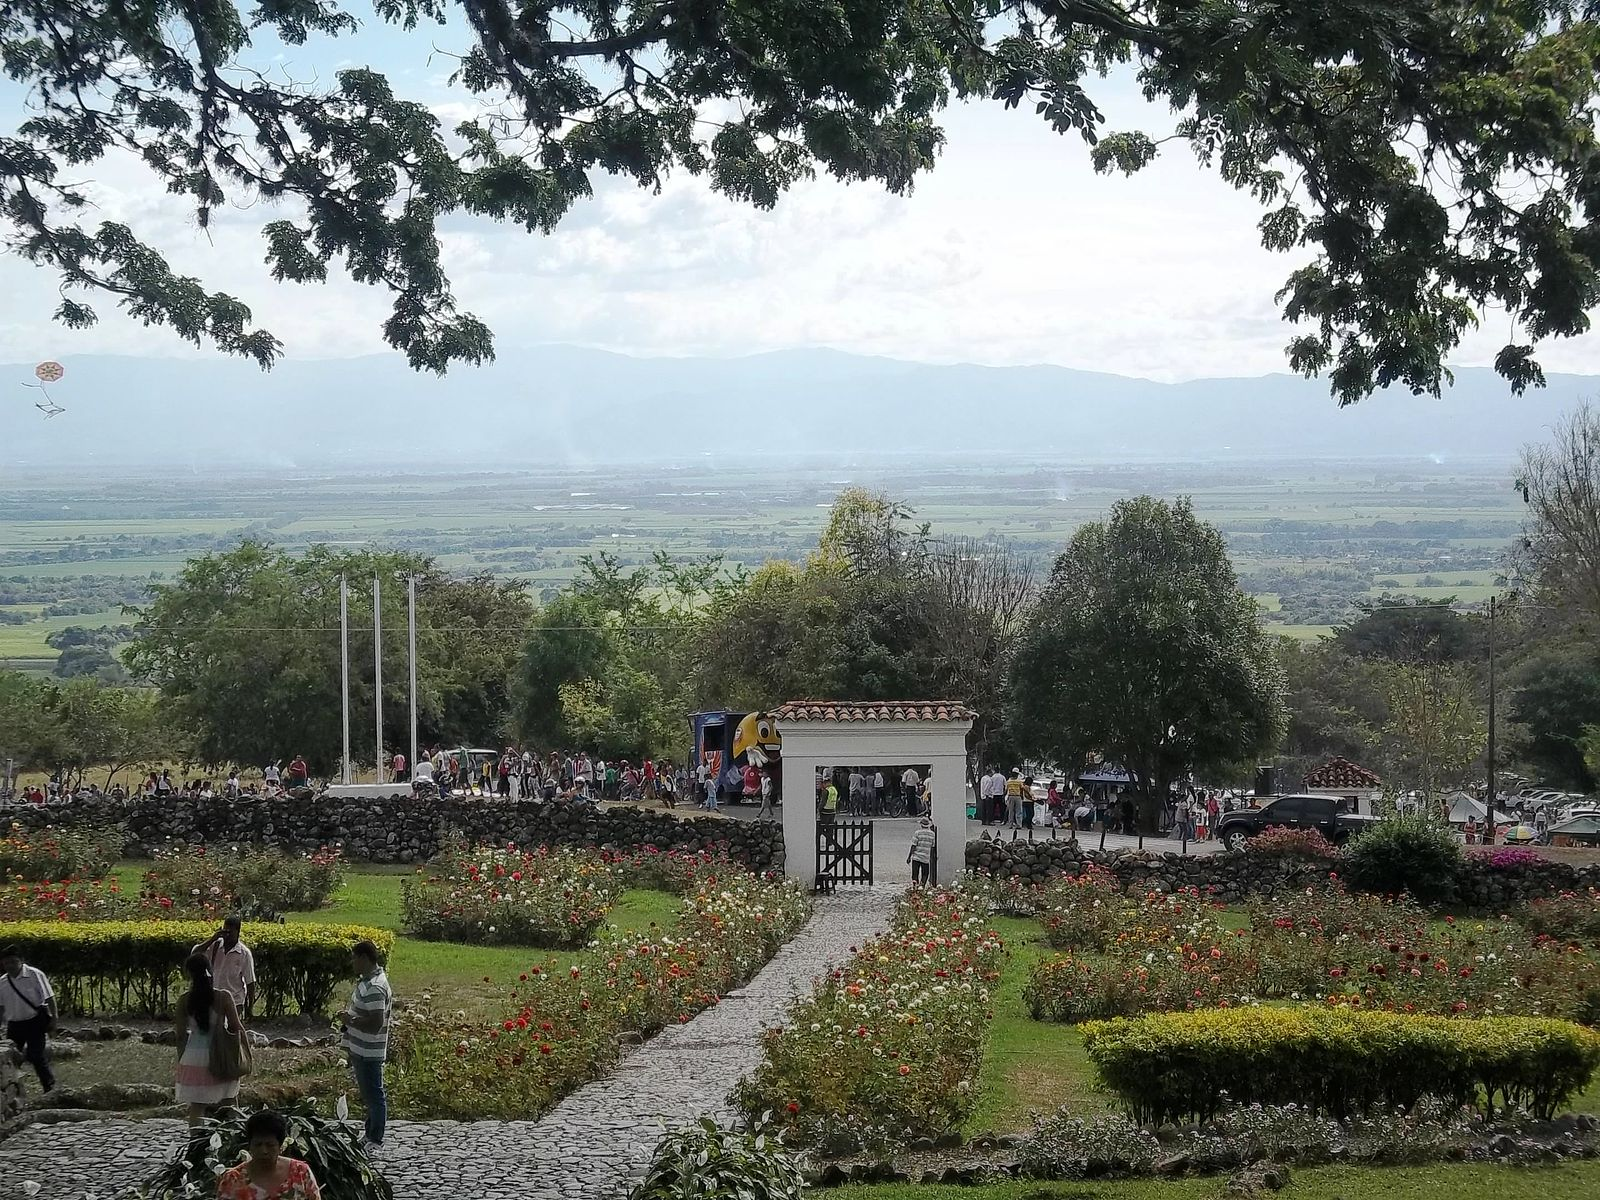 File:Hacienda El Paraíso, El Cerrito, Valle del Cauca